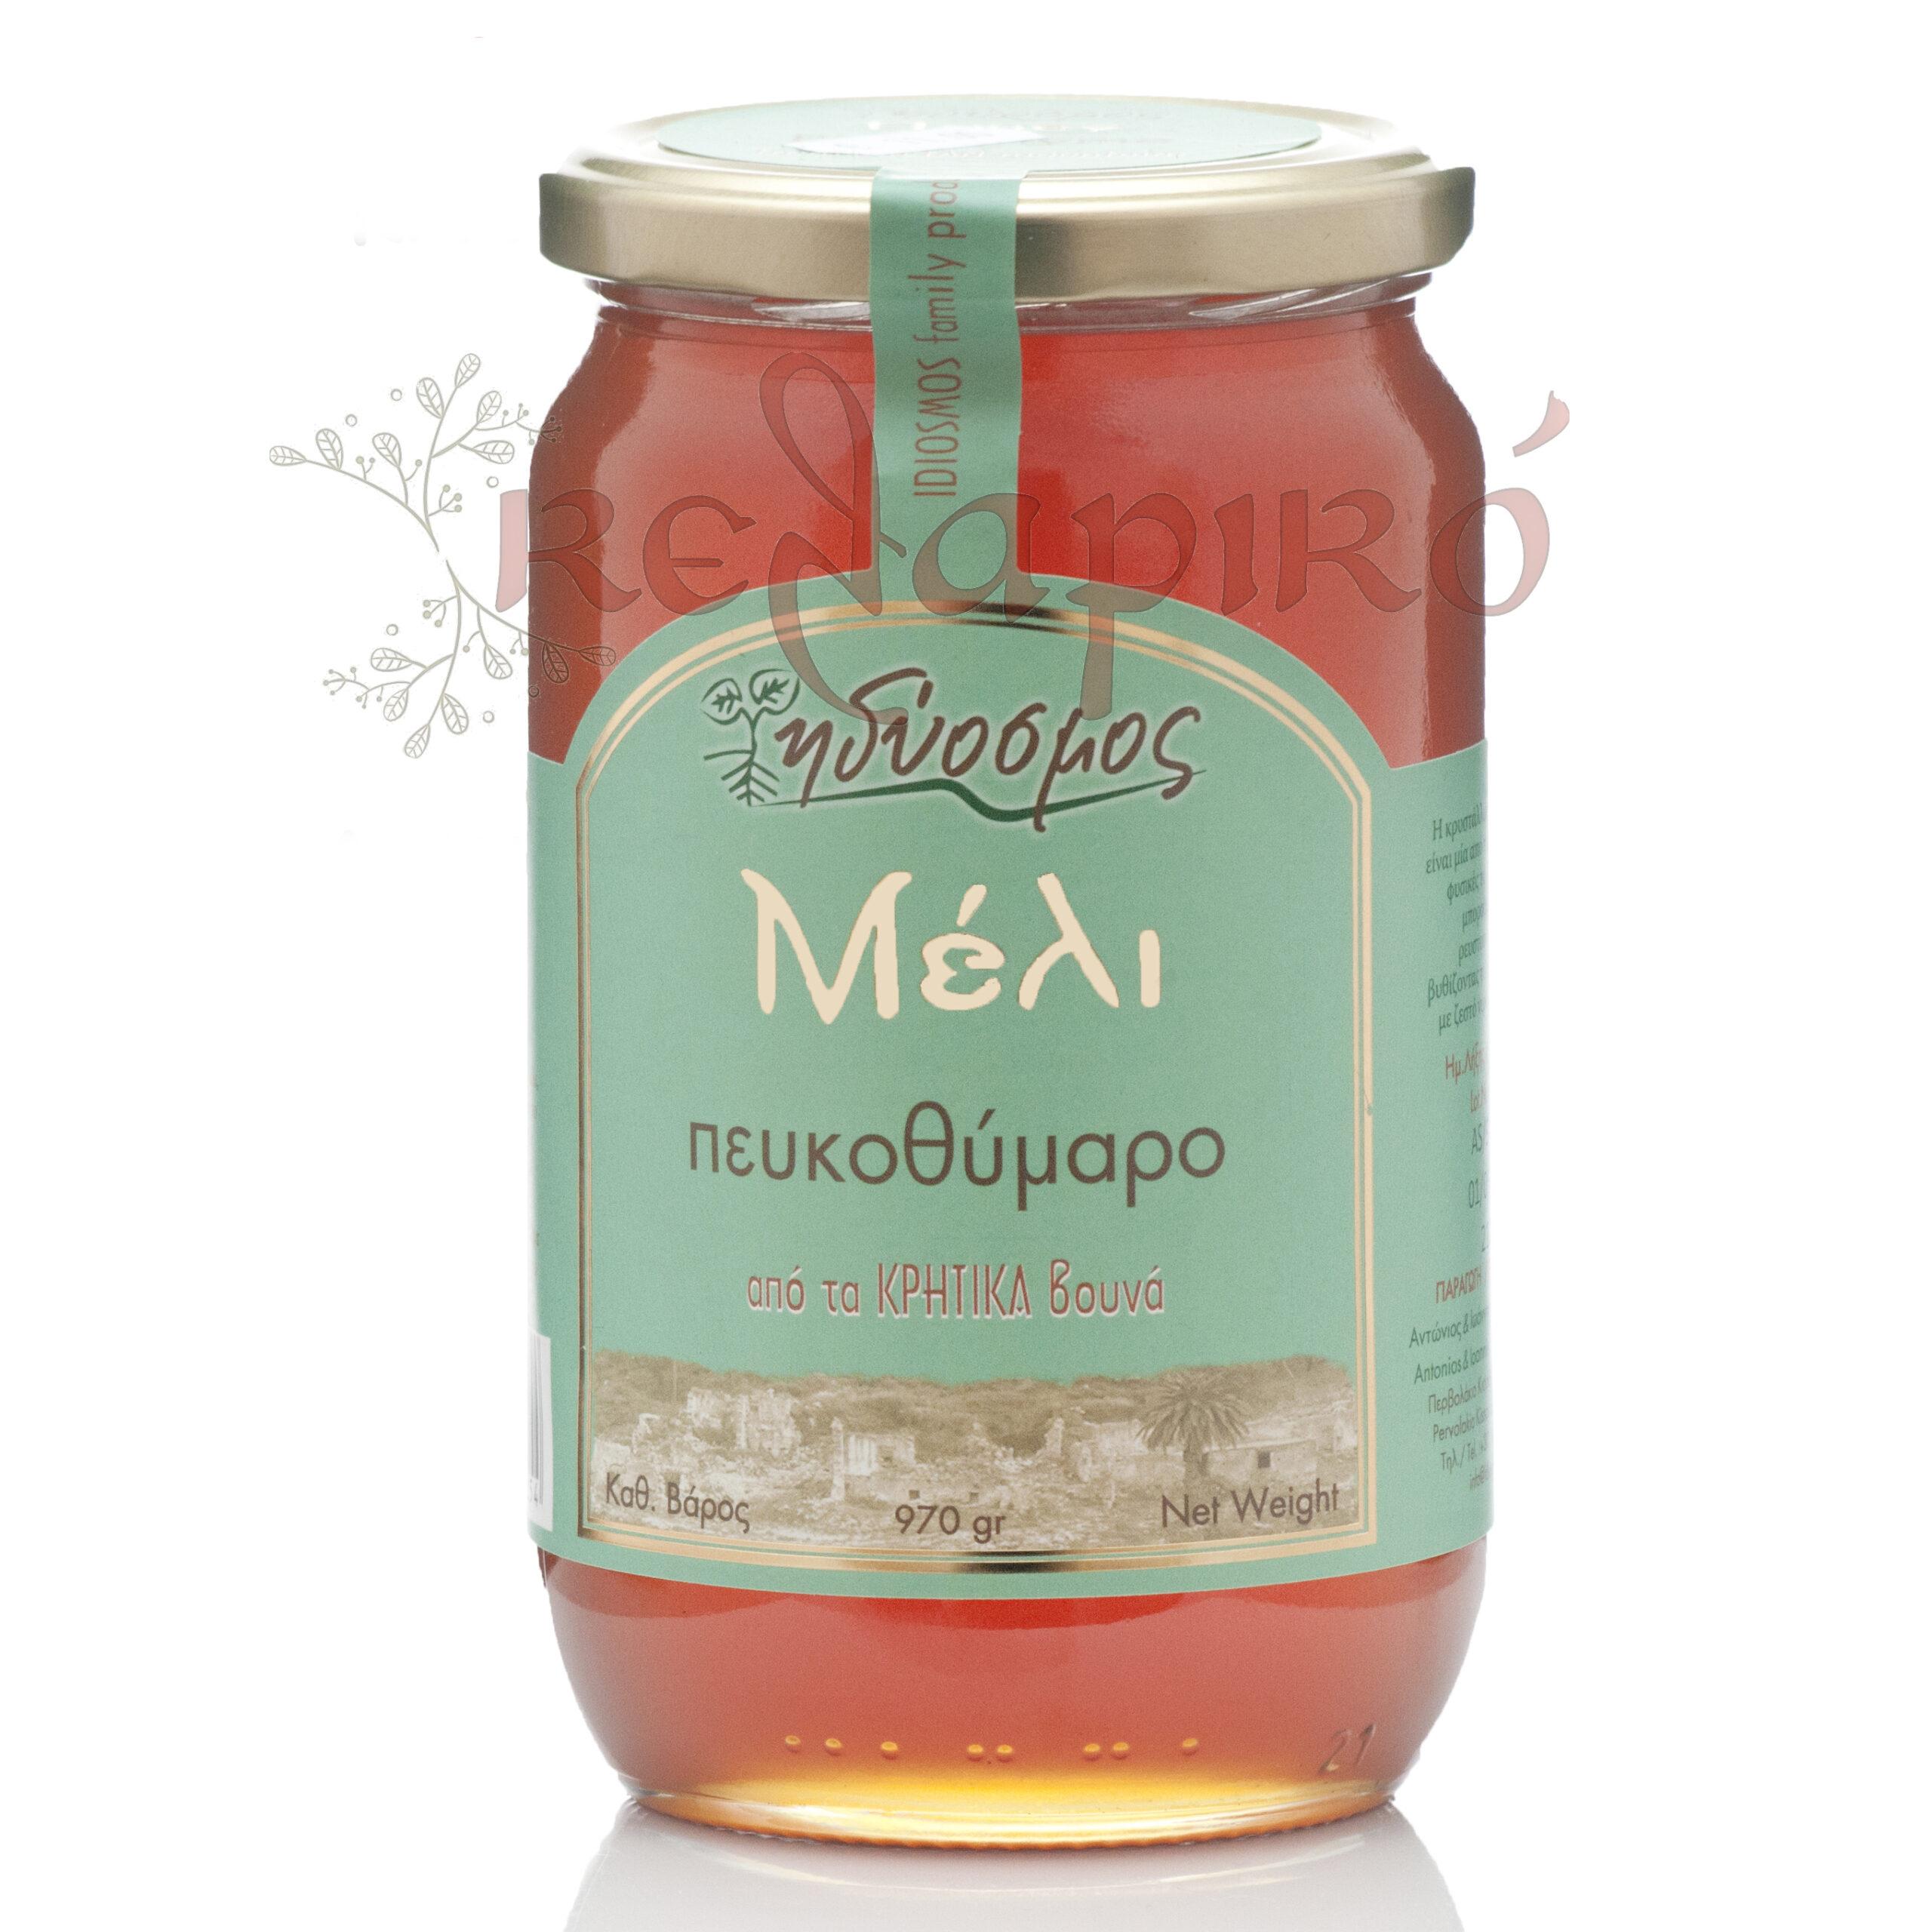 Μέλι Πευκοθύμαρο